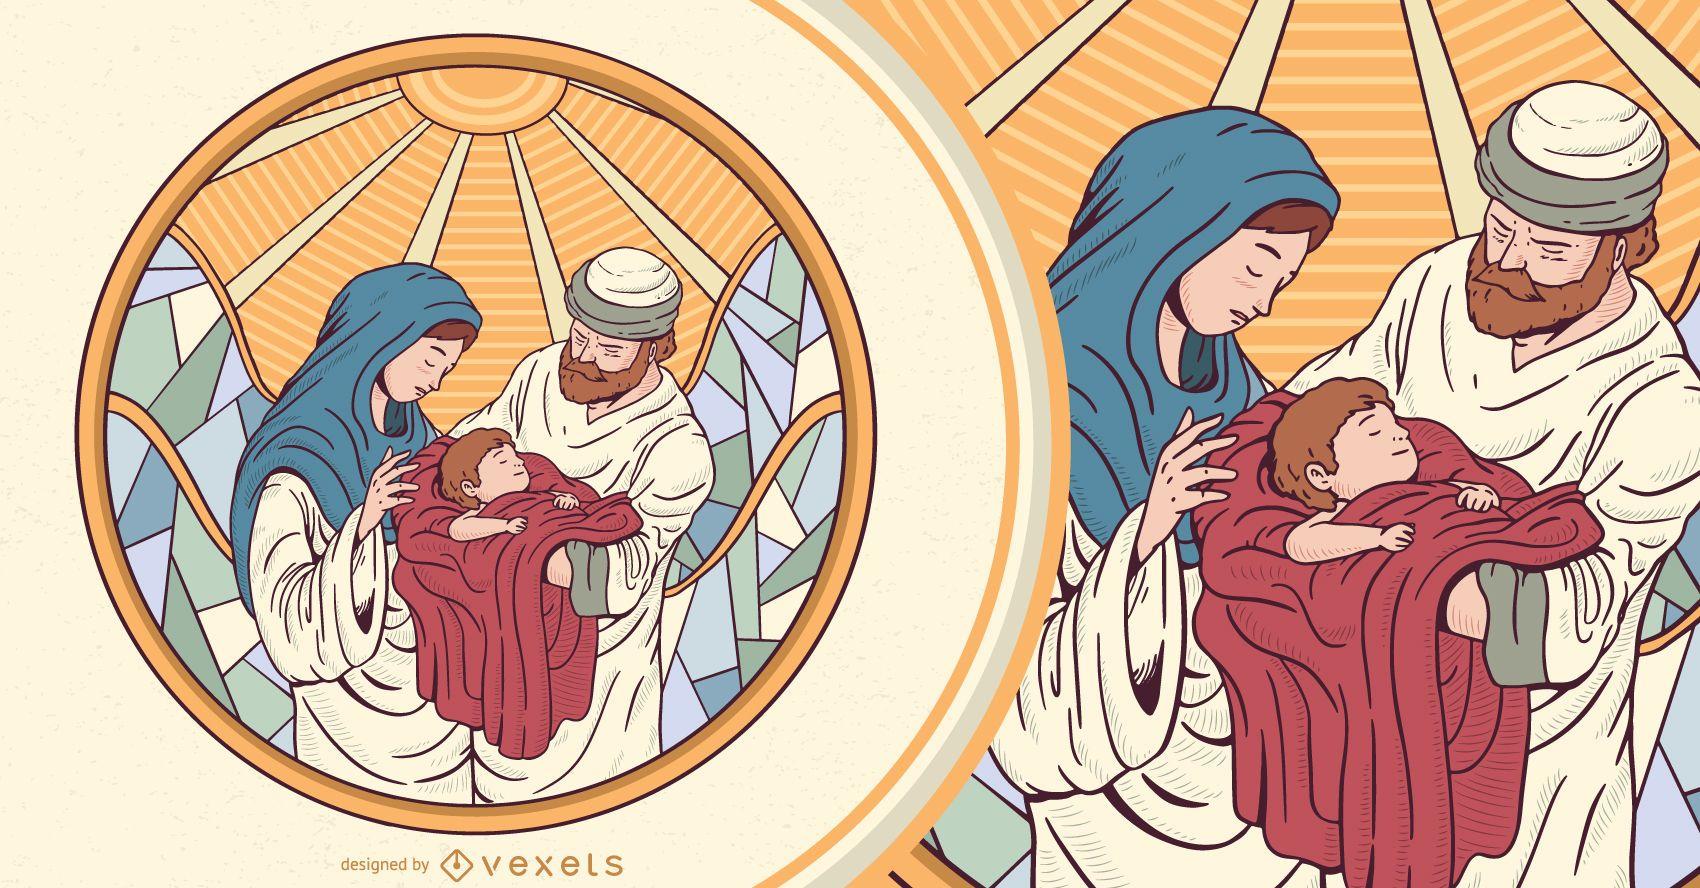 Diseño de ilustración de la Natividad de Jesús